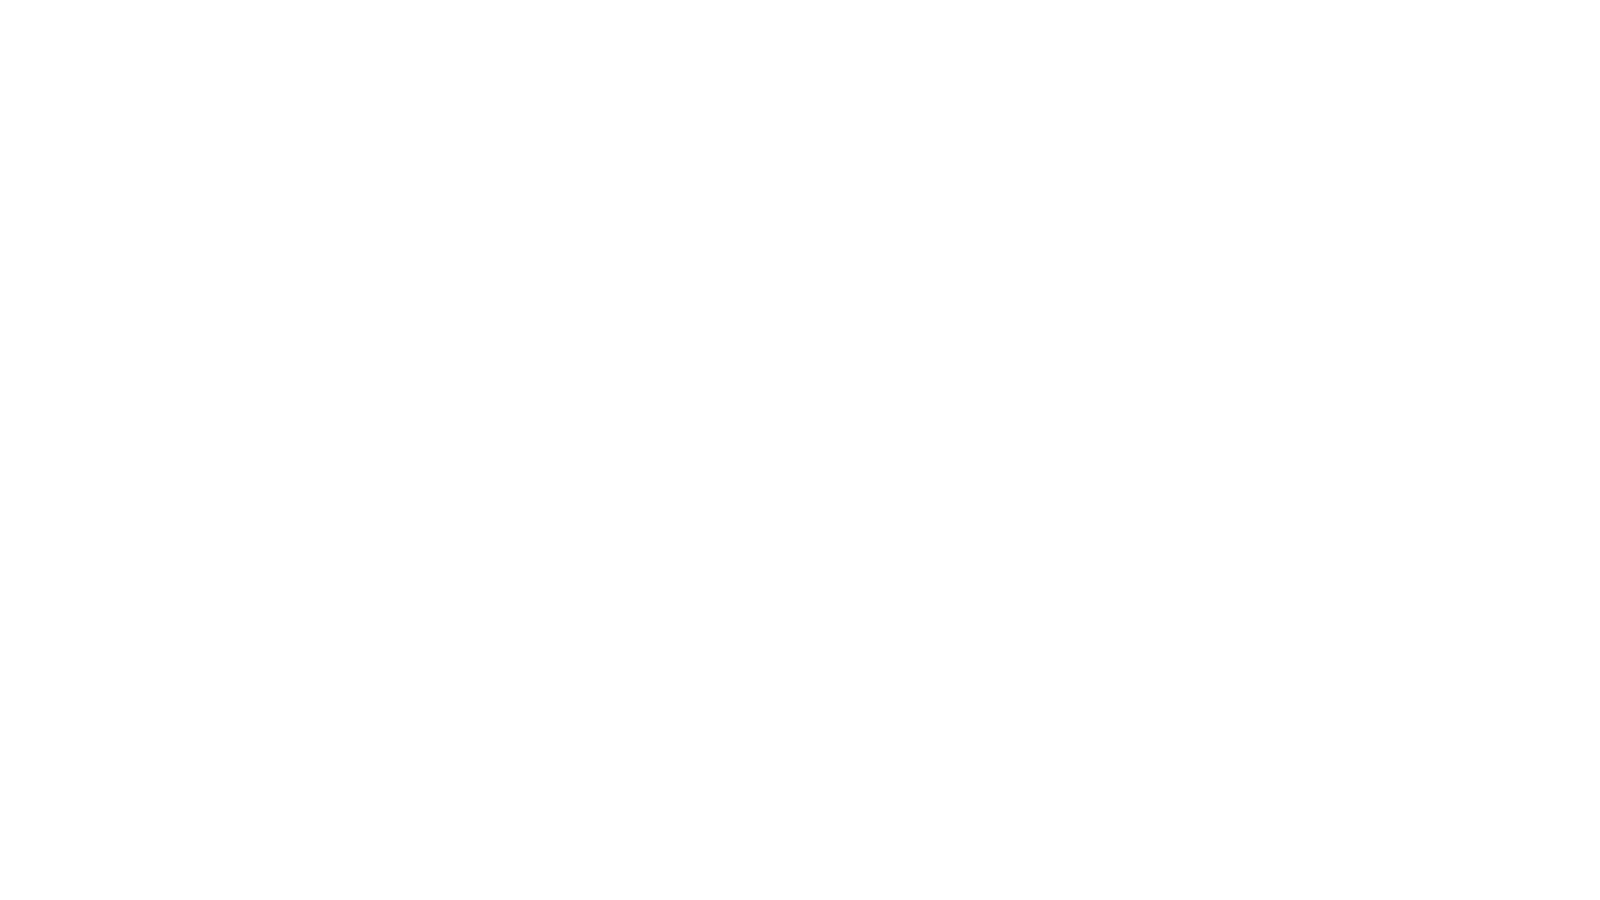 """https://grinik.ru #grinik #авангардпласт #grinikrobotics  Робот-паллетайзер GRINIK — это новый подход к решению задач паллетирования. Технические и программные решения робота позволяют легко менять параметры изделия, скорость и схемы укладки. Вы можете в кратчайшие сроки возобновить выпуск продукции с конвейера, не привлекая высококвалифицированный персонал.  Пример внедрения РТК на базе линейных роботов российской разработки представляет компания """"АвангардПЛАСТ"""" (GRINIK ROBOTICS) из Новосибирска. РТК обеспечивает непрерывную паллетизацию упаковок с товаром, забирая их с конвейера.   Упакованный продукт на предприятии поступает на конвейер и ориентируется в заданном направлении.  Робот-укладчик (паллетайзер) захватывает вакуумным захватом по две упаковки за один раз и переносит их на поддон (паллету), укладывая упаковку в заданной последовательности. Для более плотной упаковки используются межрядные прокладные листы, которые робот укладывает на завершенный слой упаковок. Для надежной фиксации продукции каждый слой укладывается в своей последовательности.   Роботизированный комплекс компактен, он занимает всего 2.5 х 3.5 м. После того, как поддон будет заполнен продукцией, не требуется останавливать комплекс, чтобы заменить поддон на пустой, РТК начинает производить укладку на соседний пустой поддон - в это время следует вывезти скомплектованную паллету и заменить ее на пустую - к ней робот вернется на следующем цикле. Благодаря этому участок работает непрерывно.    Компания """"АвангардПЛАСТ"""" (GRINIK ROBOTICS) занимается промышленной роботизацией на основе линейных роботов собственной разработки под брендом GRINIK с 2014 года. Собственный парк металлообрабатывающего оборудования позволяет компании поддерживать невысокую себестоимость роботов-манипуляторов в сравнении с импортными аналогами. У компании уже десятки внедрений РТК на базе собственных промышленных роботов на различных российских предприятиях.   На заводе мы производим: Роботов-манипуляторов для термопластав"""